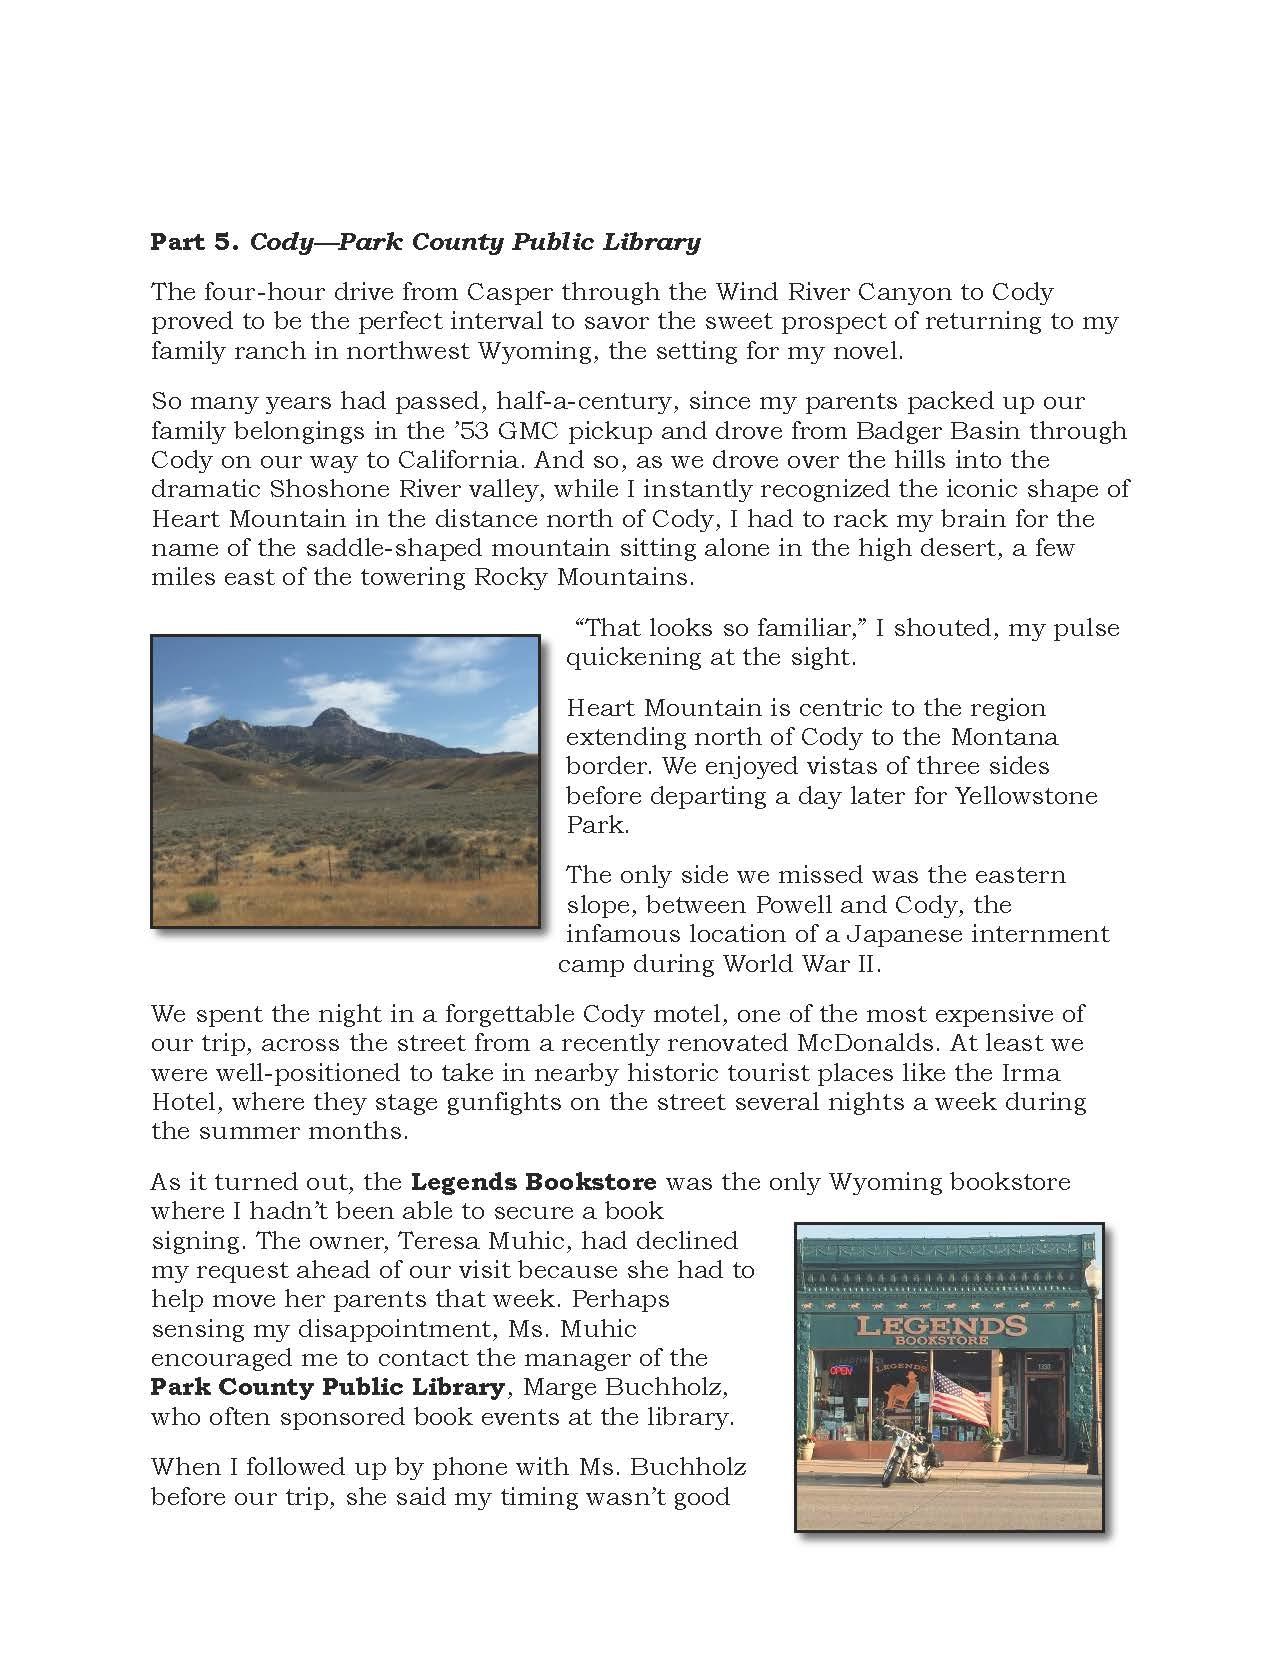 wyoming-book-tour-master-rev-10-23-16-1_page_10